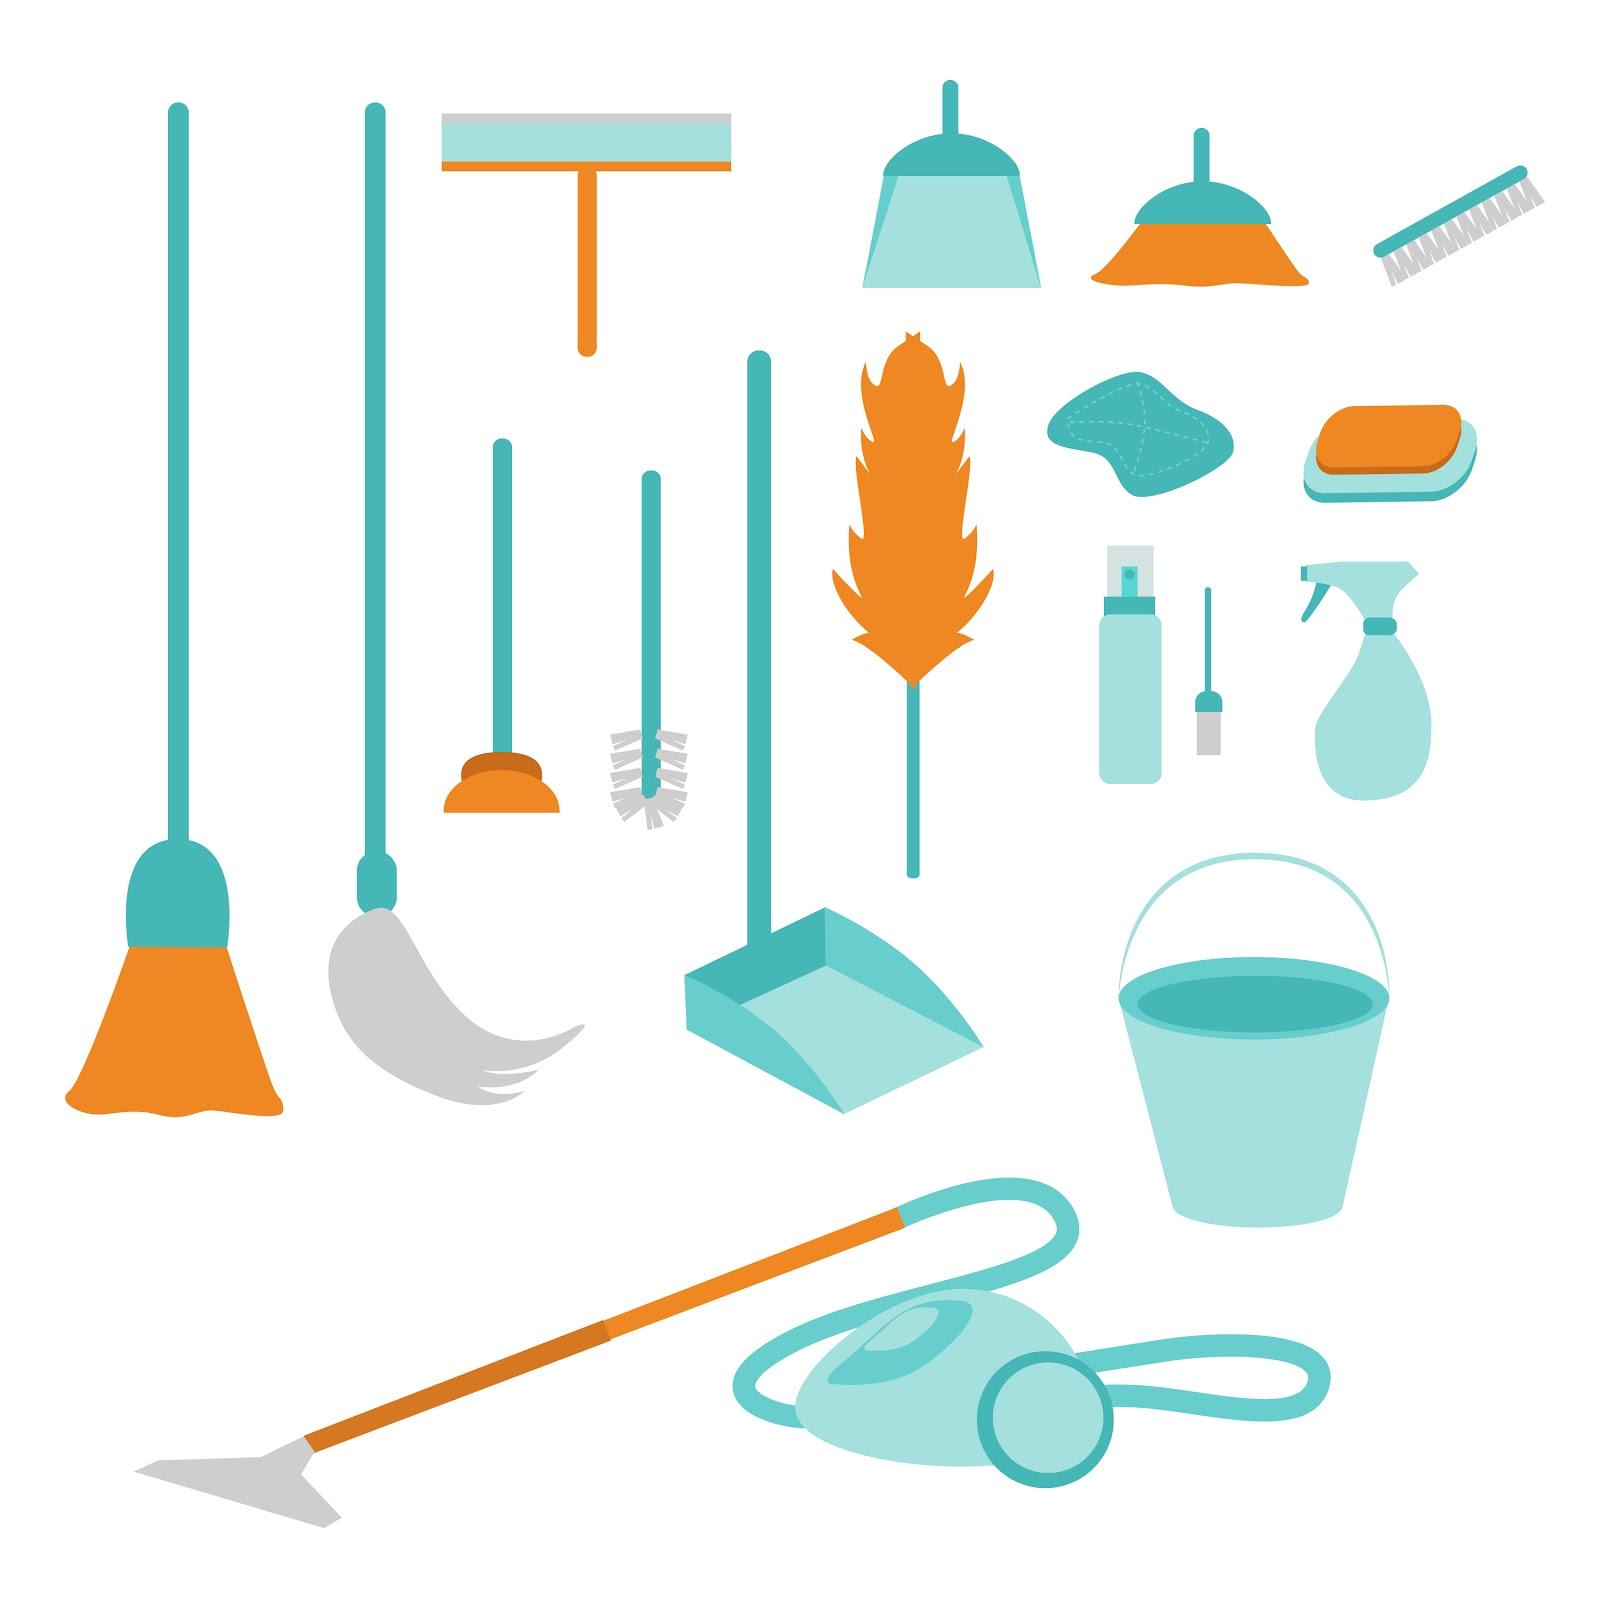 gambar alat kebersihan keywords gambar alat